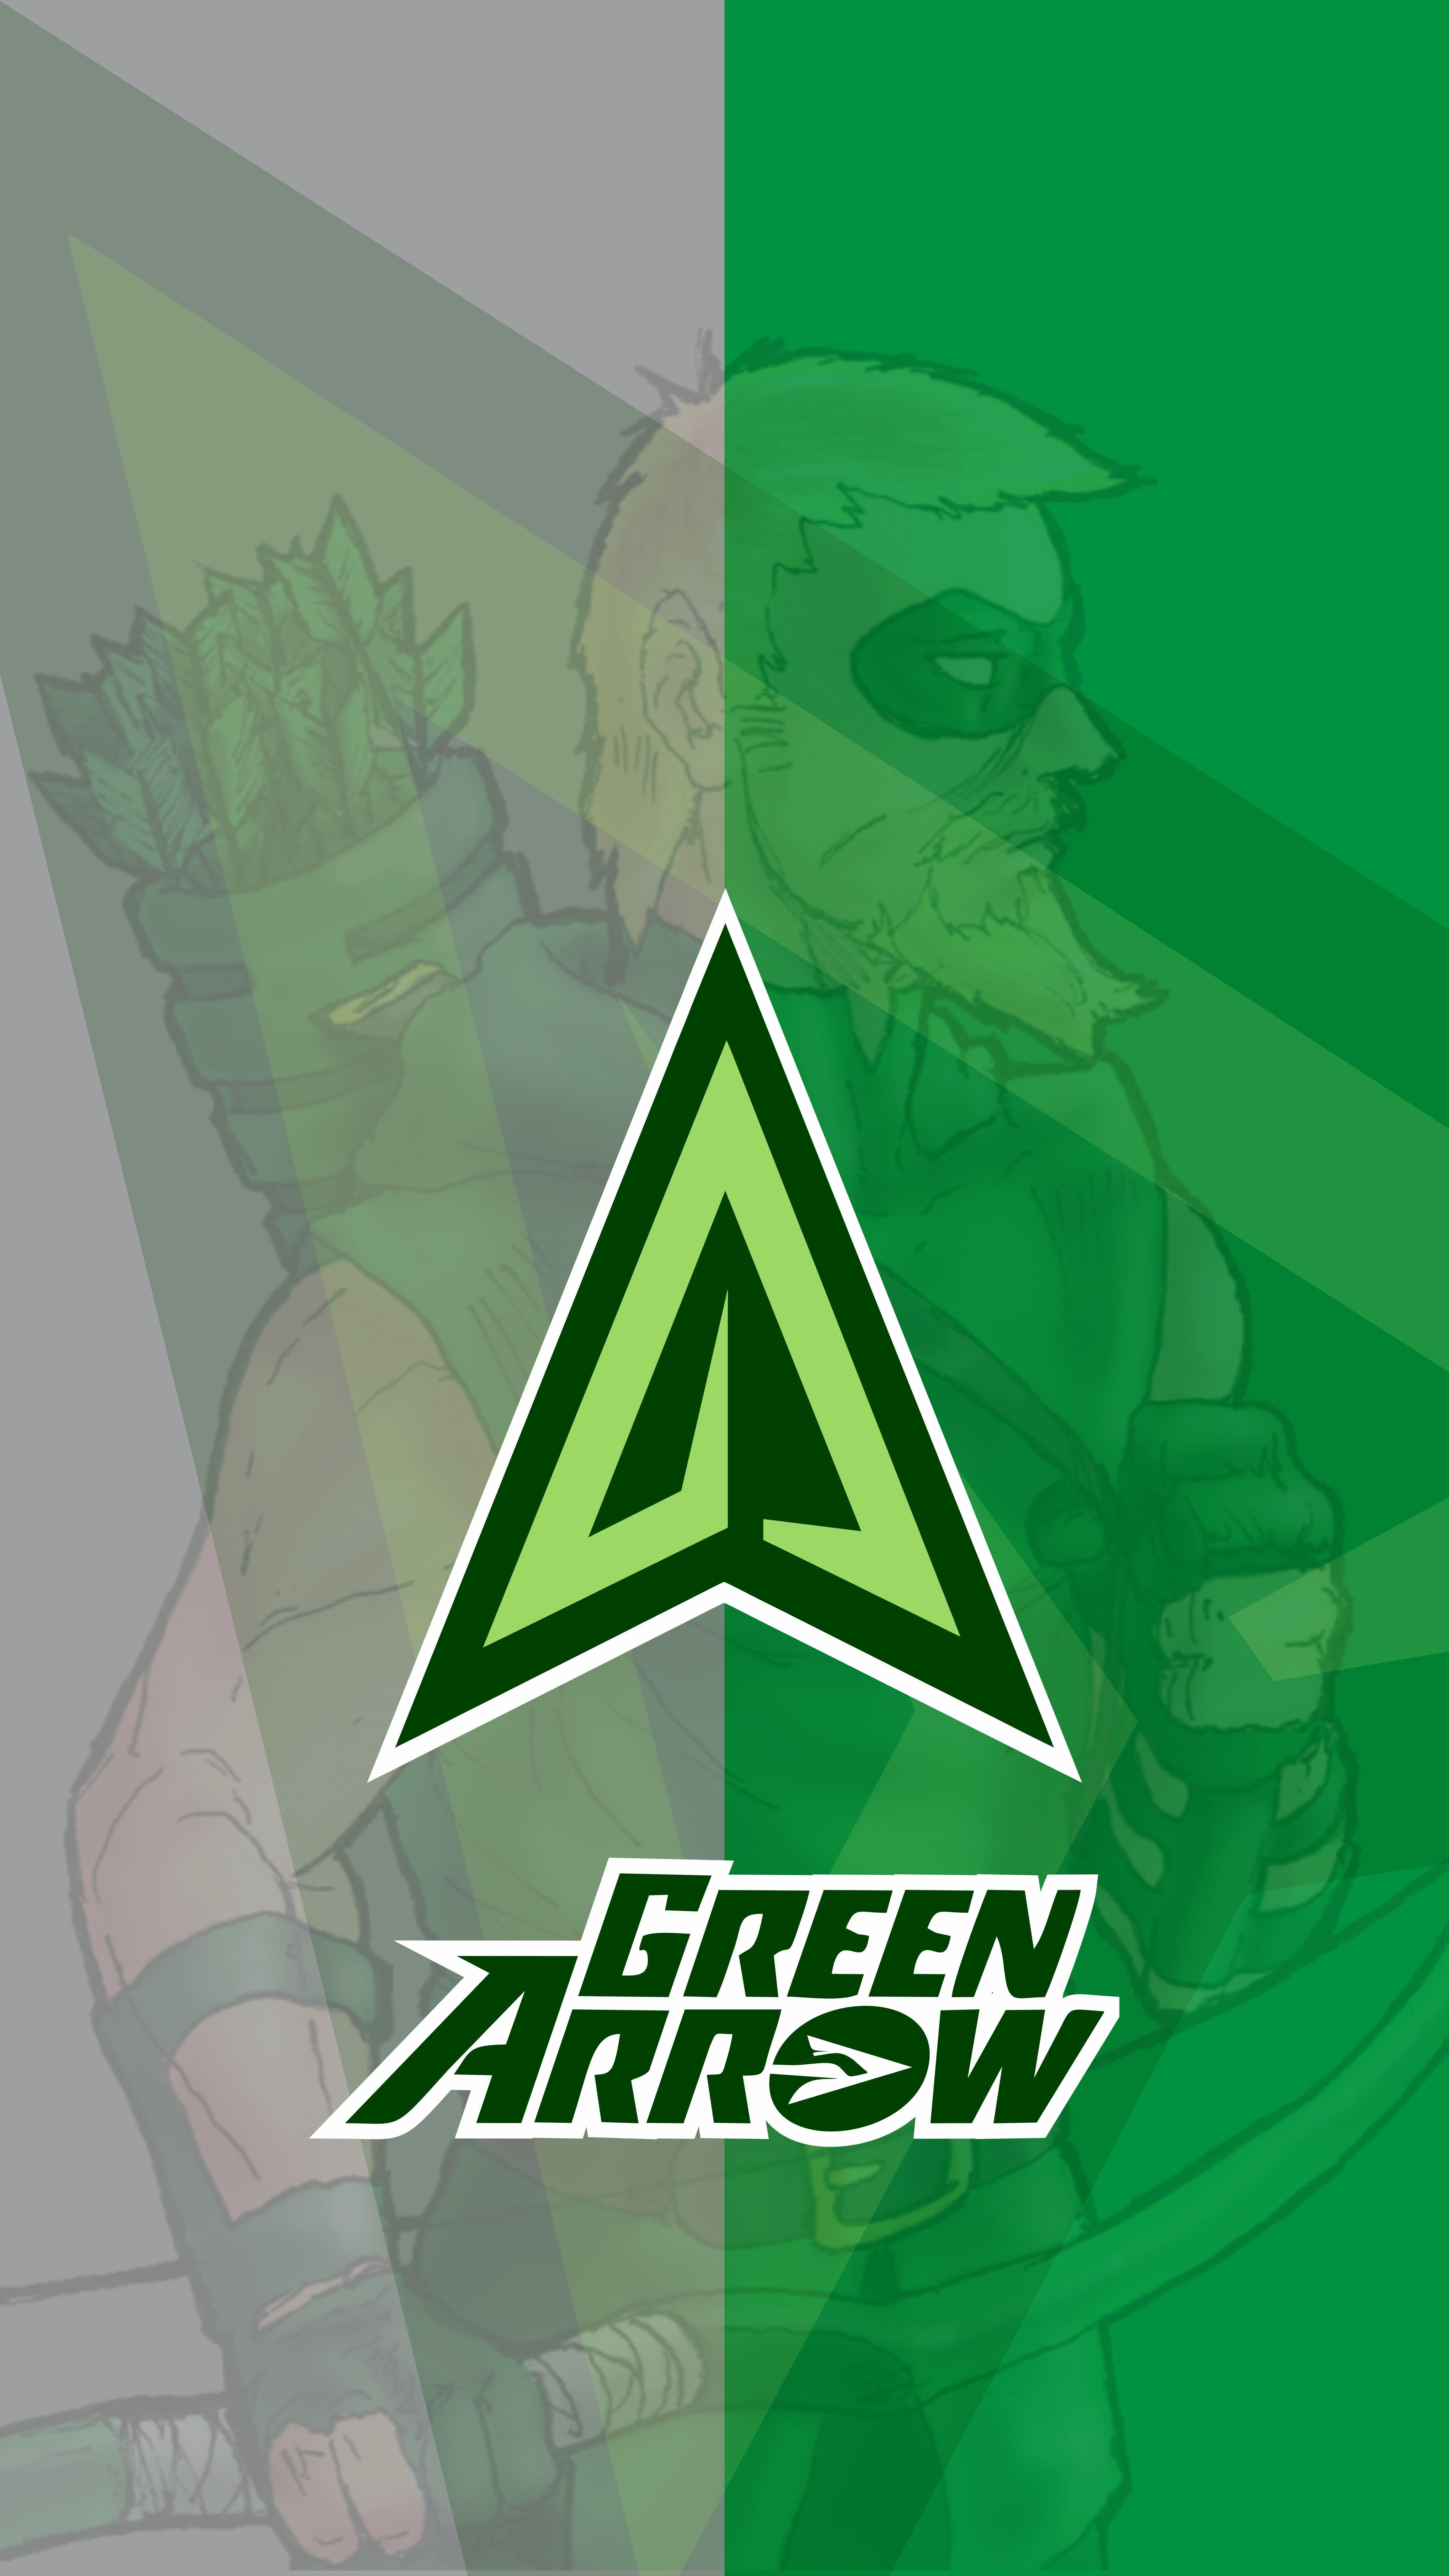 Android Iphone Hd Wallpaper Green Arrow Dc Dceu Dccomics